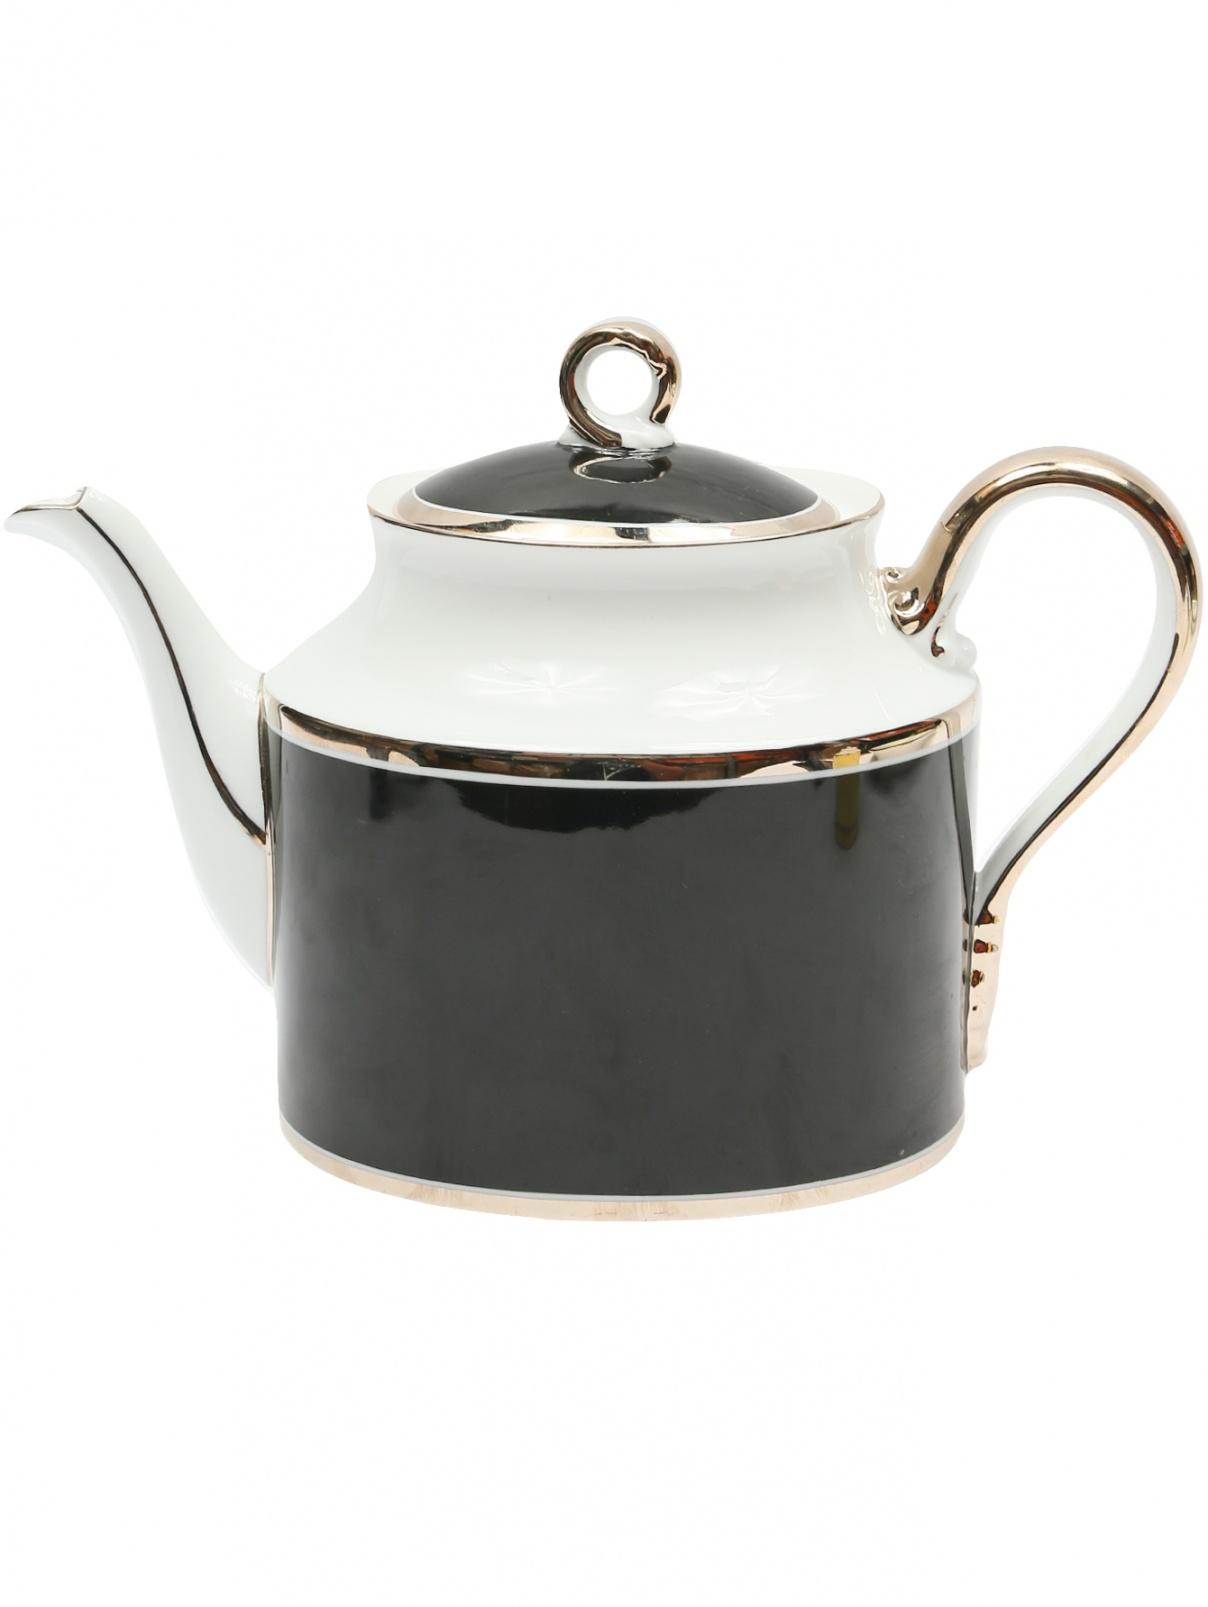 Фарфоровый чайник с серебряной окантовкой Richard Ginori 1735  –  Общий вид